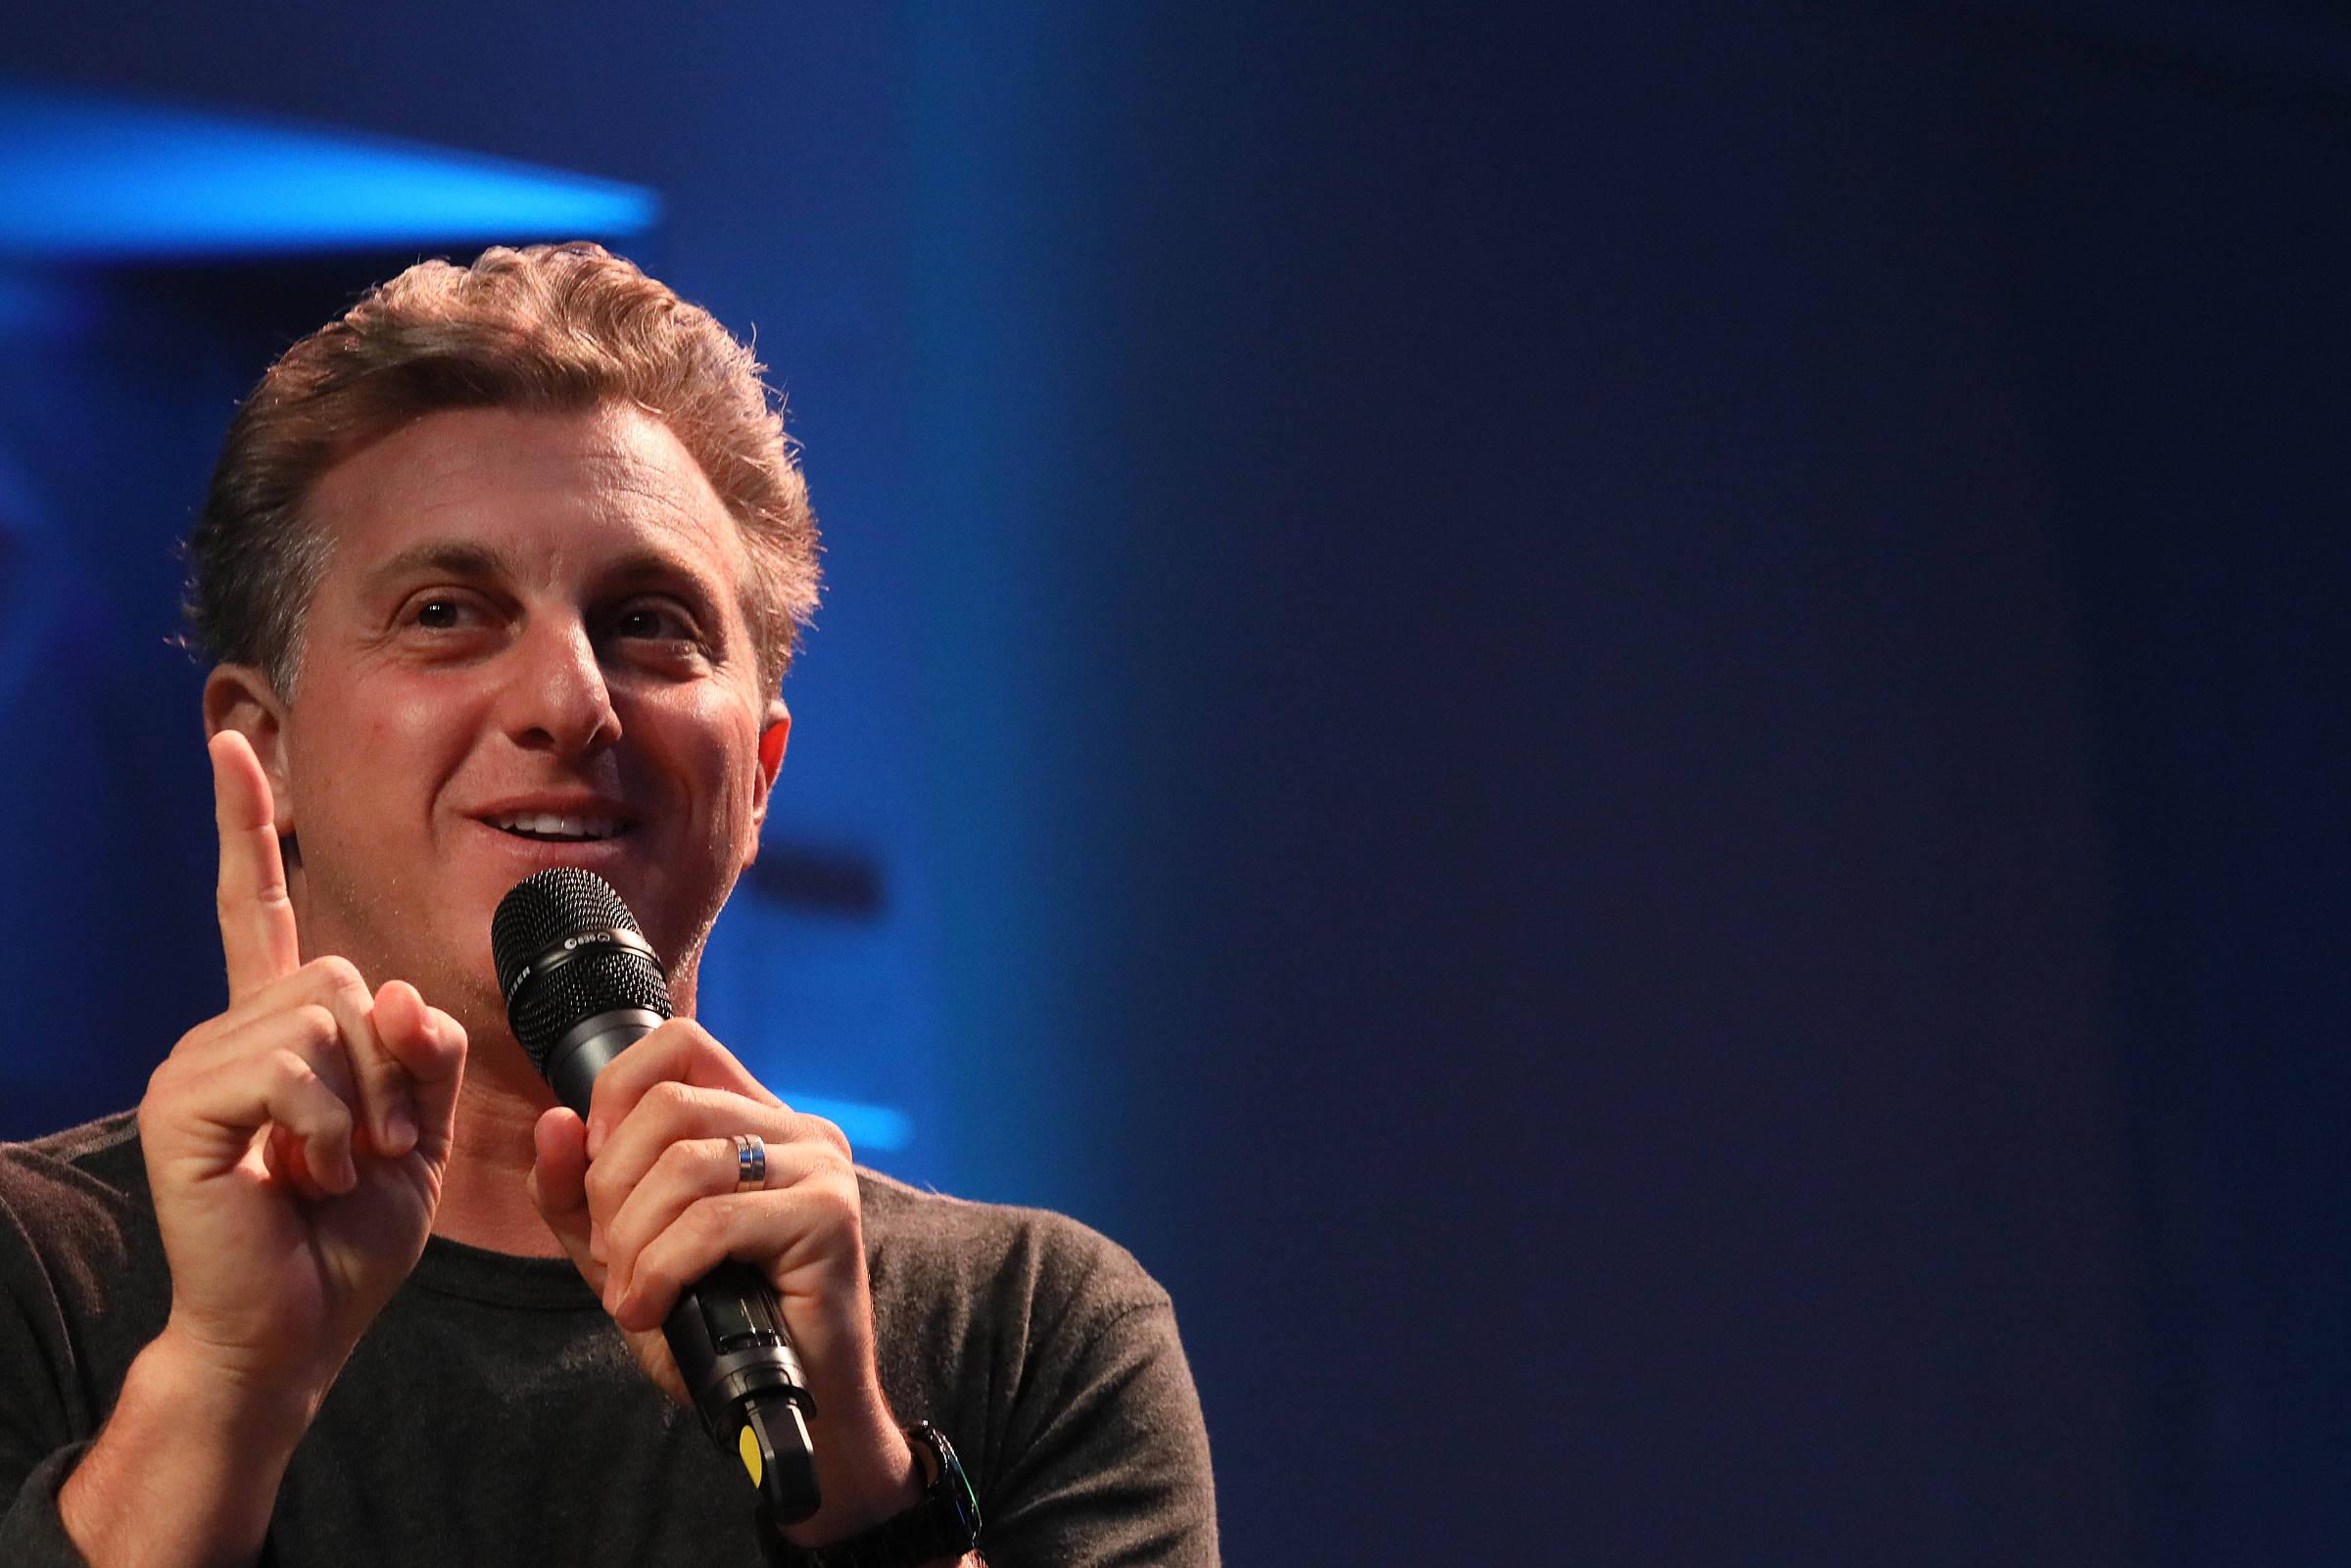 O apresentador Luciano Huck, em debate sobre política nacional em 2018